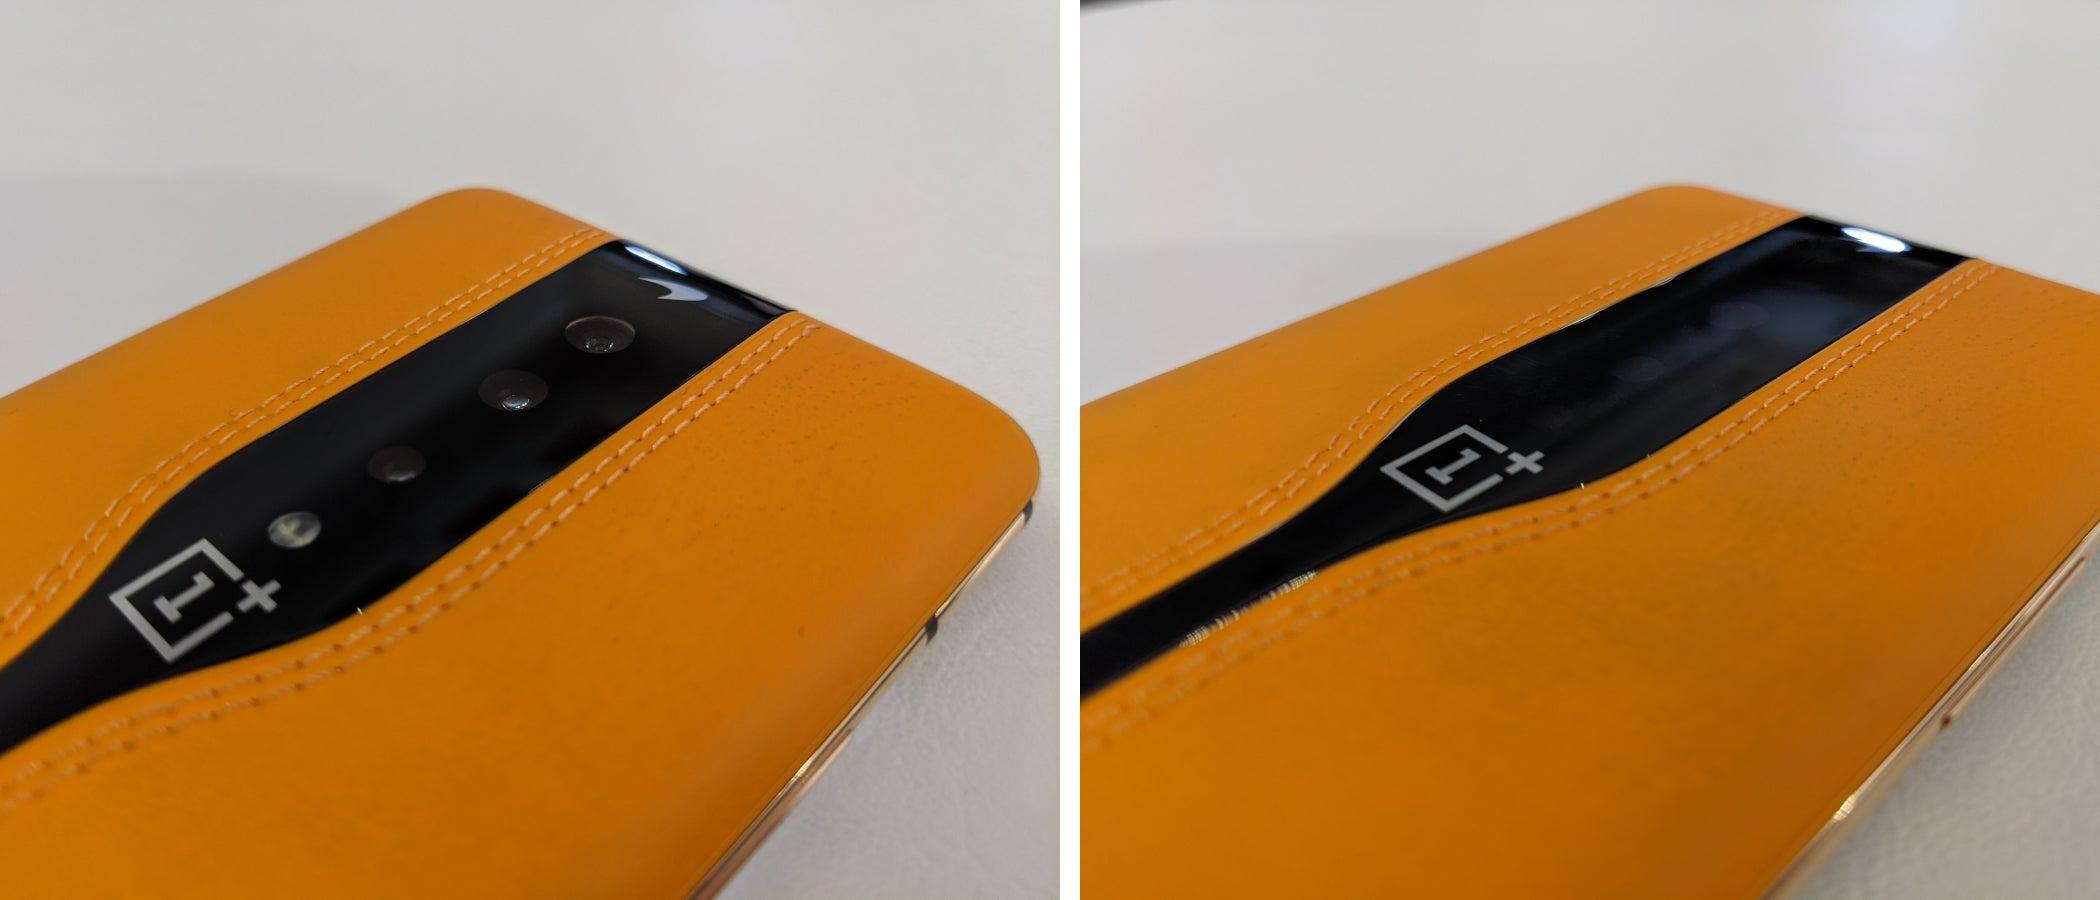 Versteckte Kamera beim OnePlus Concept One